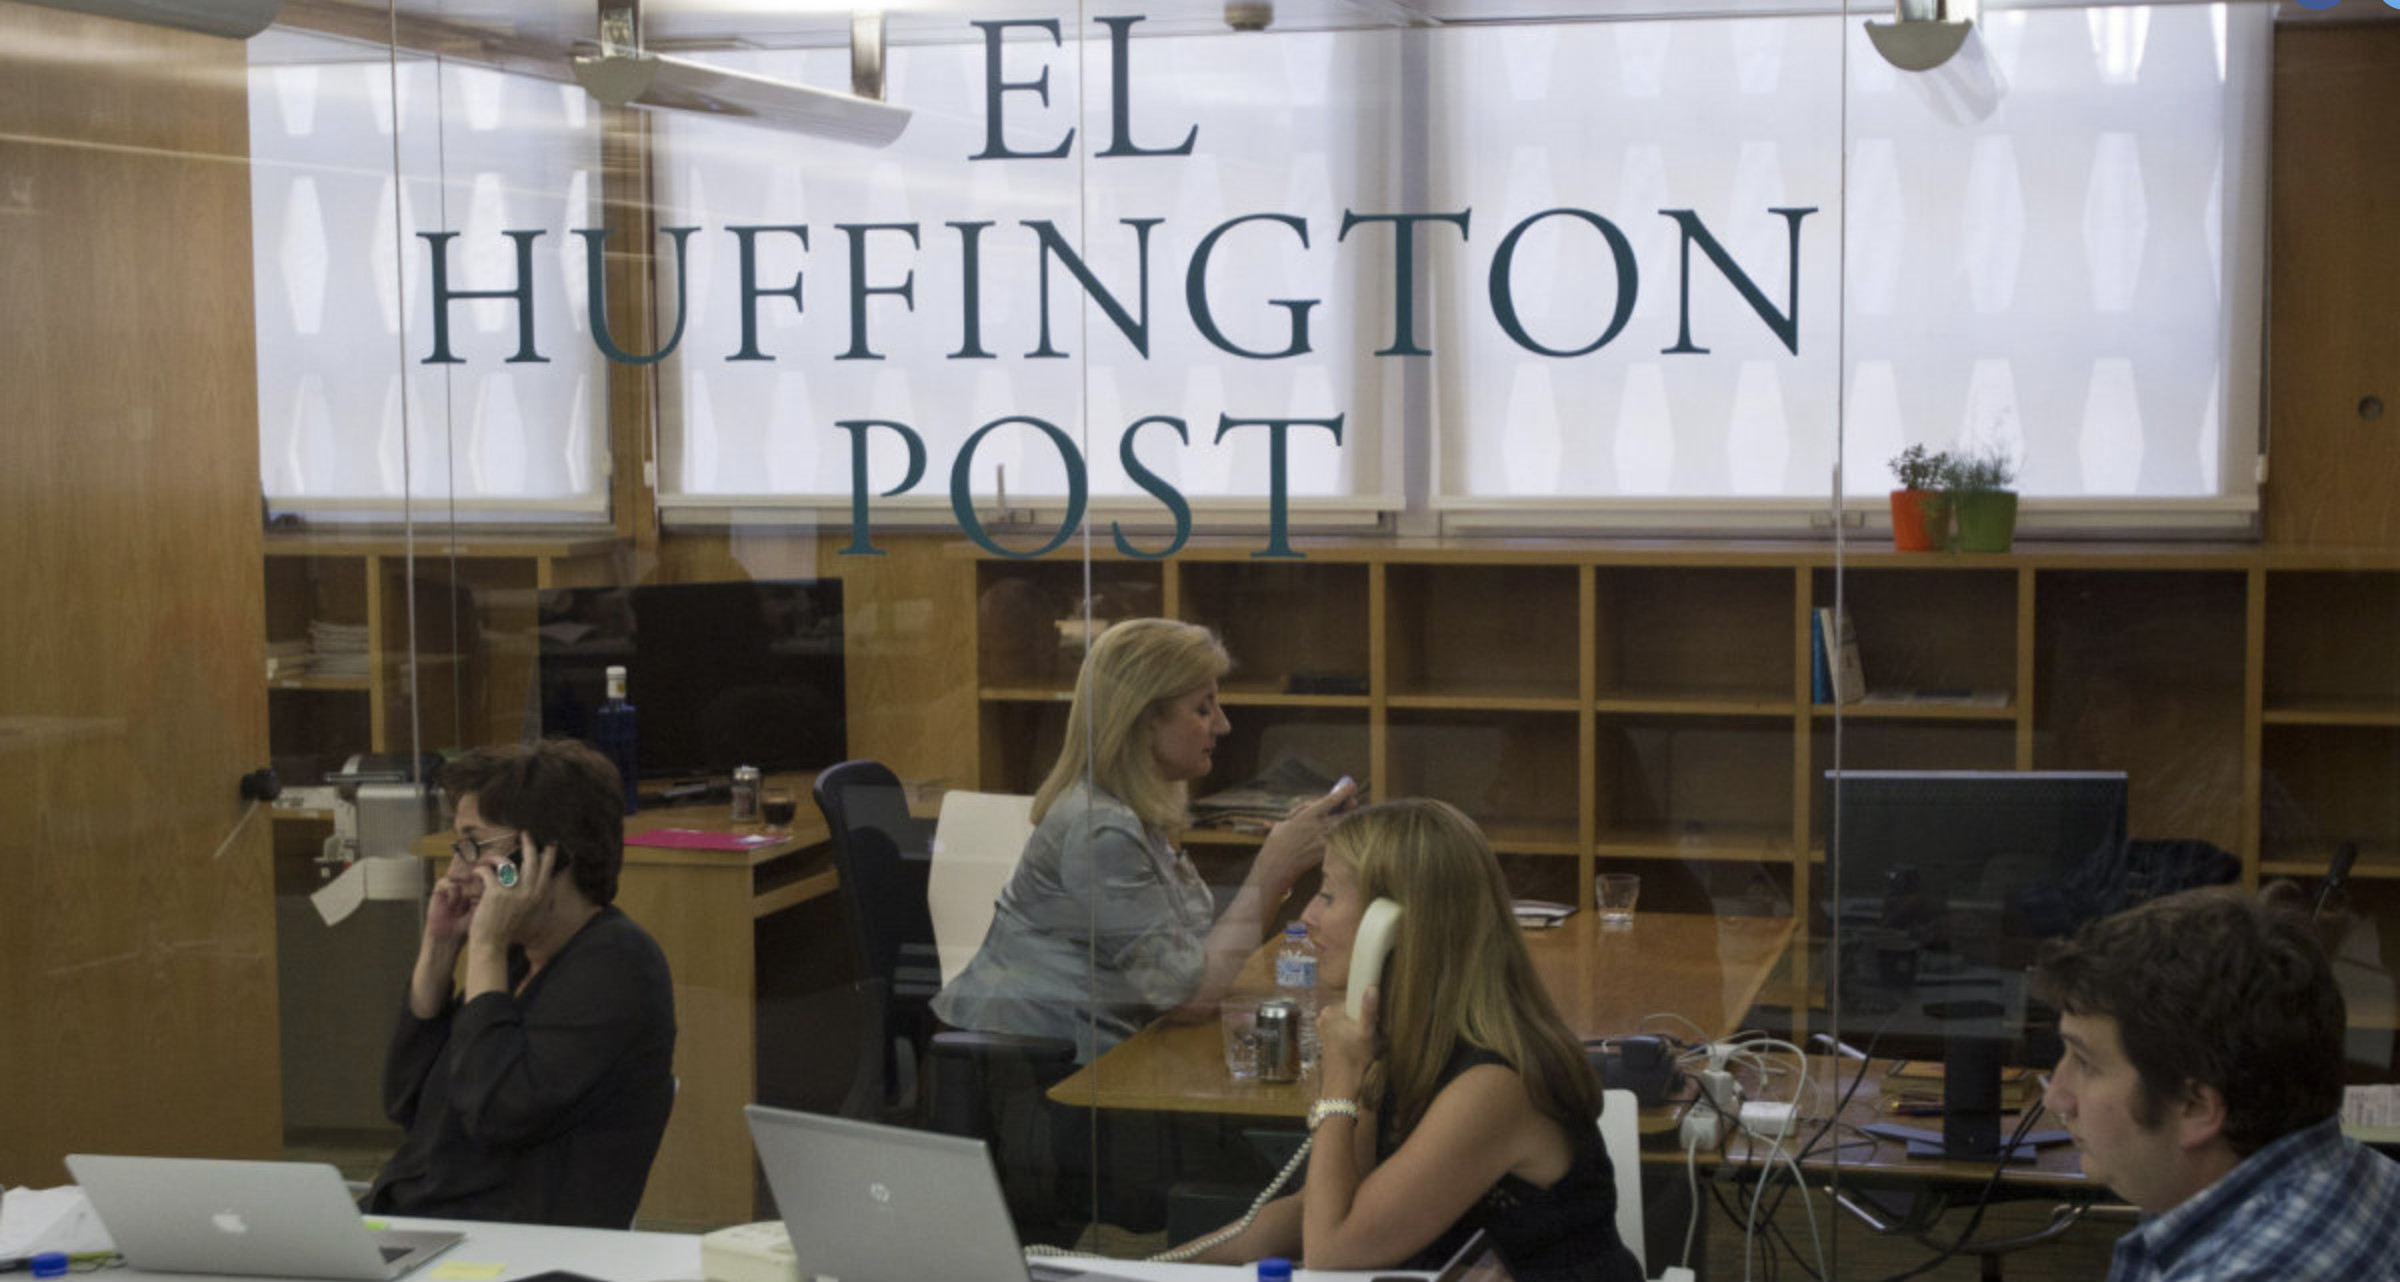 oficinas-en-españa-del-Huffpost-huffpost-110119